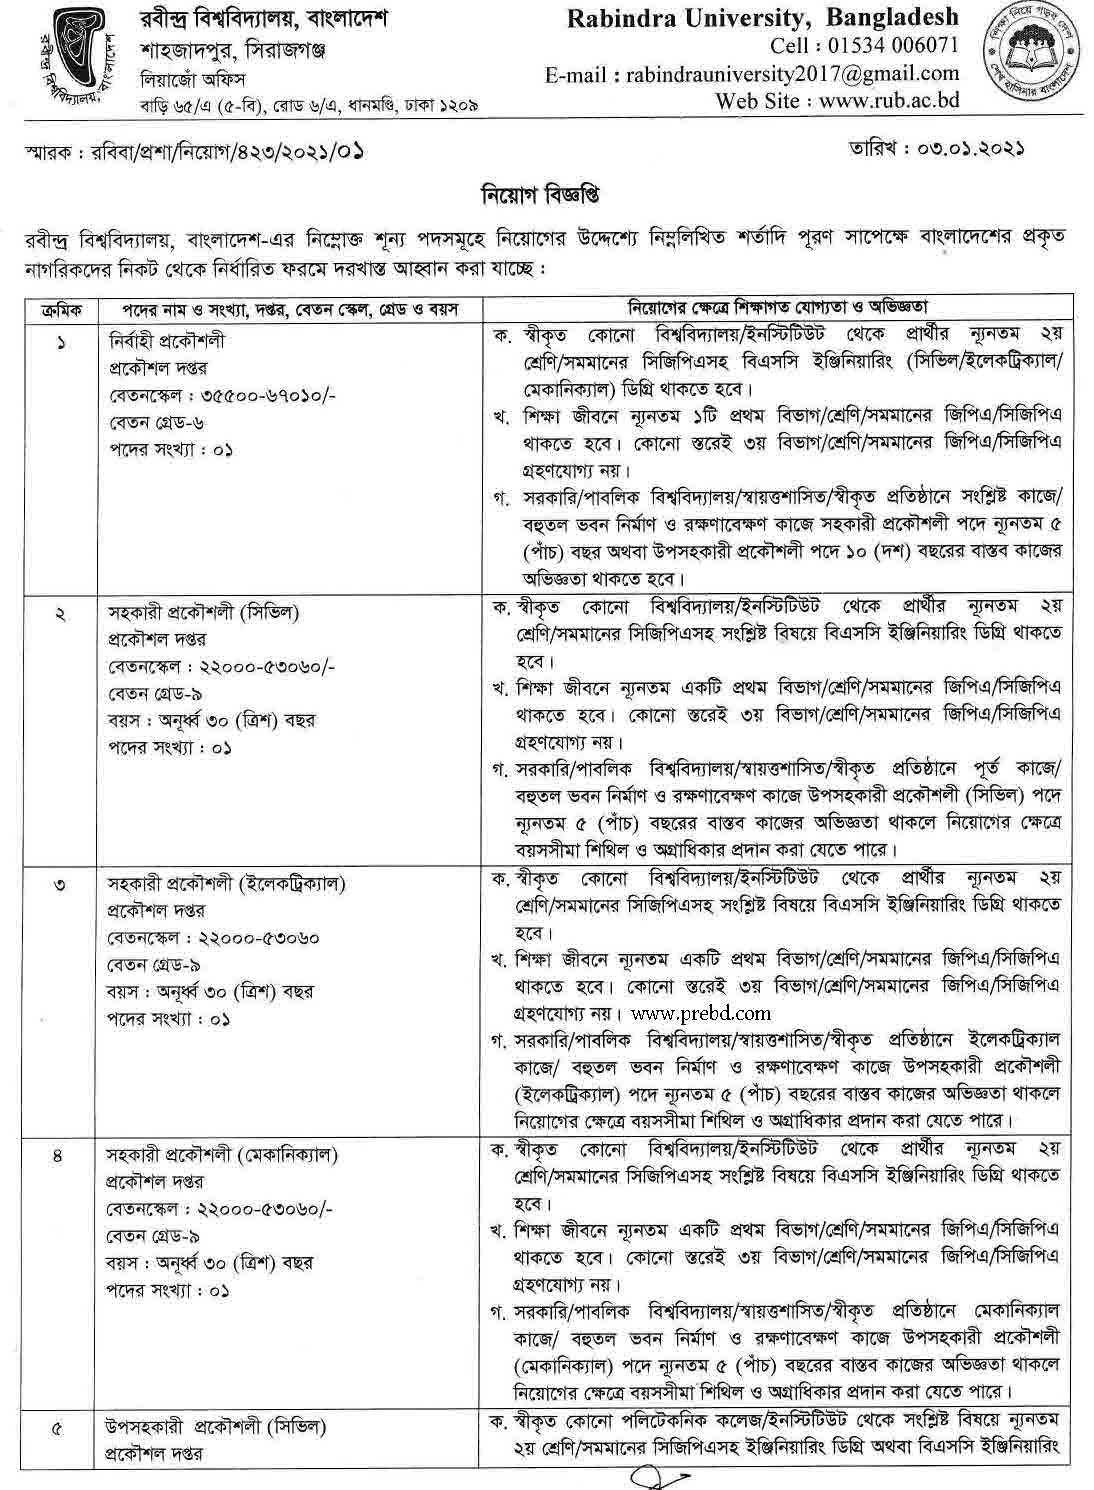 রবীন্দ্র বিশ্ববিদ্যালয়, বাংলাদেশ এ নিয়োগ বিজ্ঞপ্তি ২০২১ | www.rub.ac.bd Job circular 2021